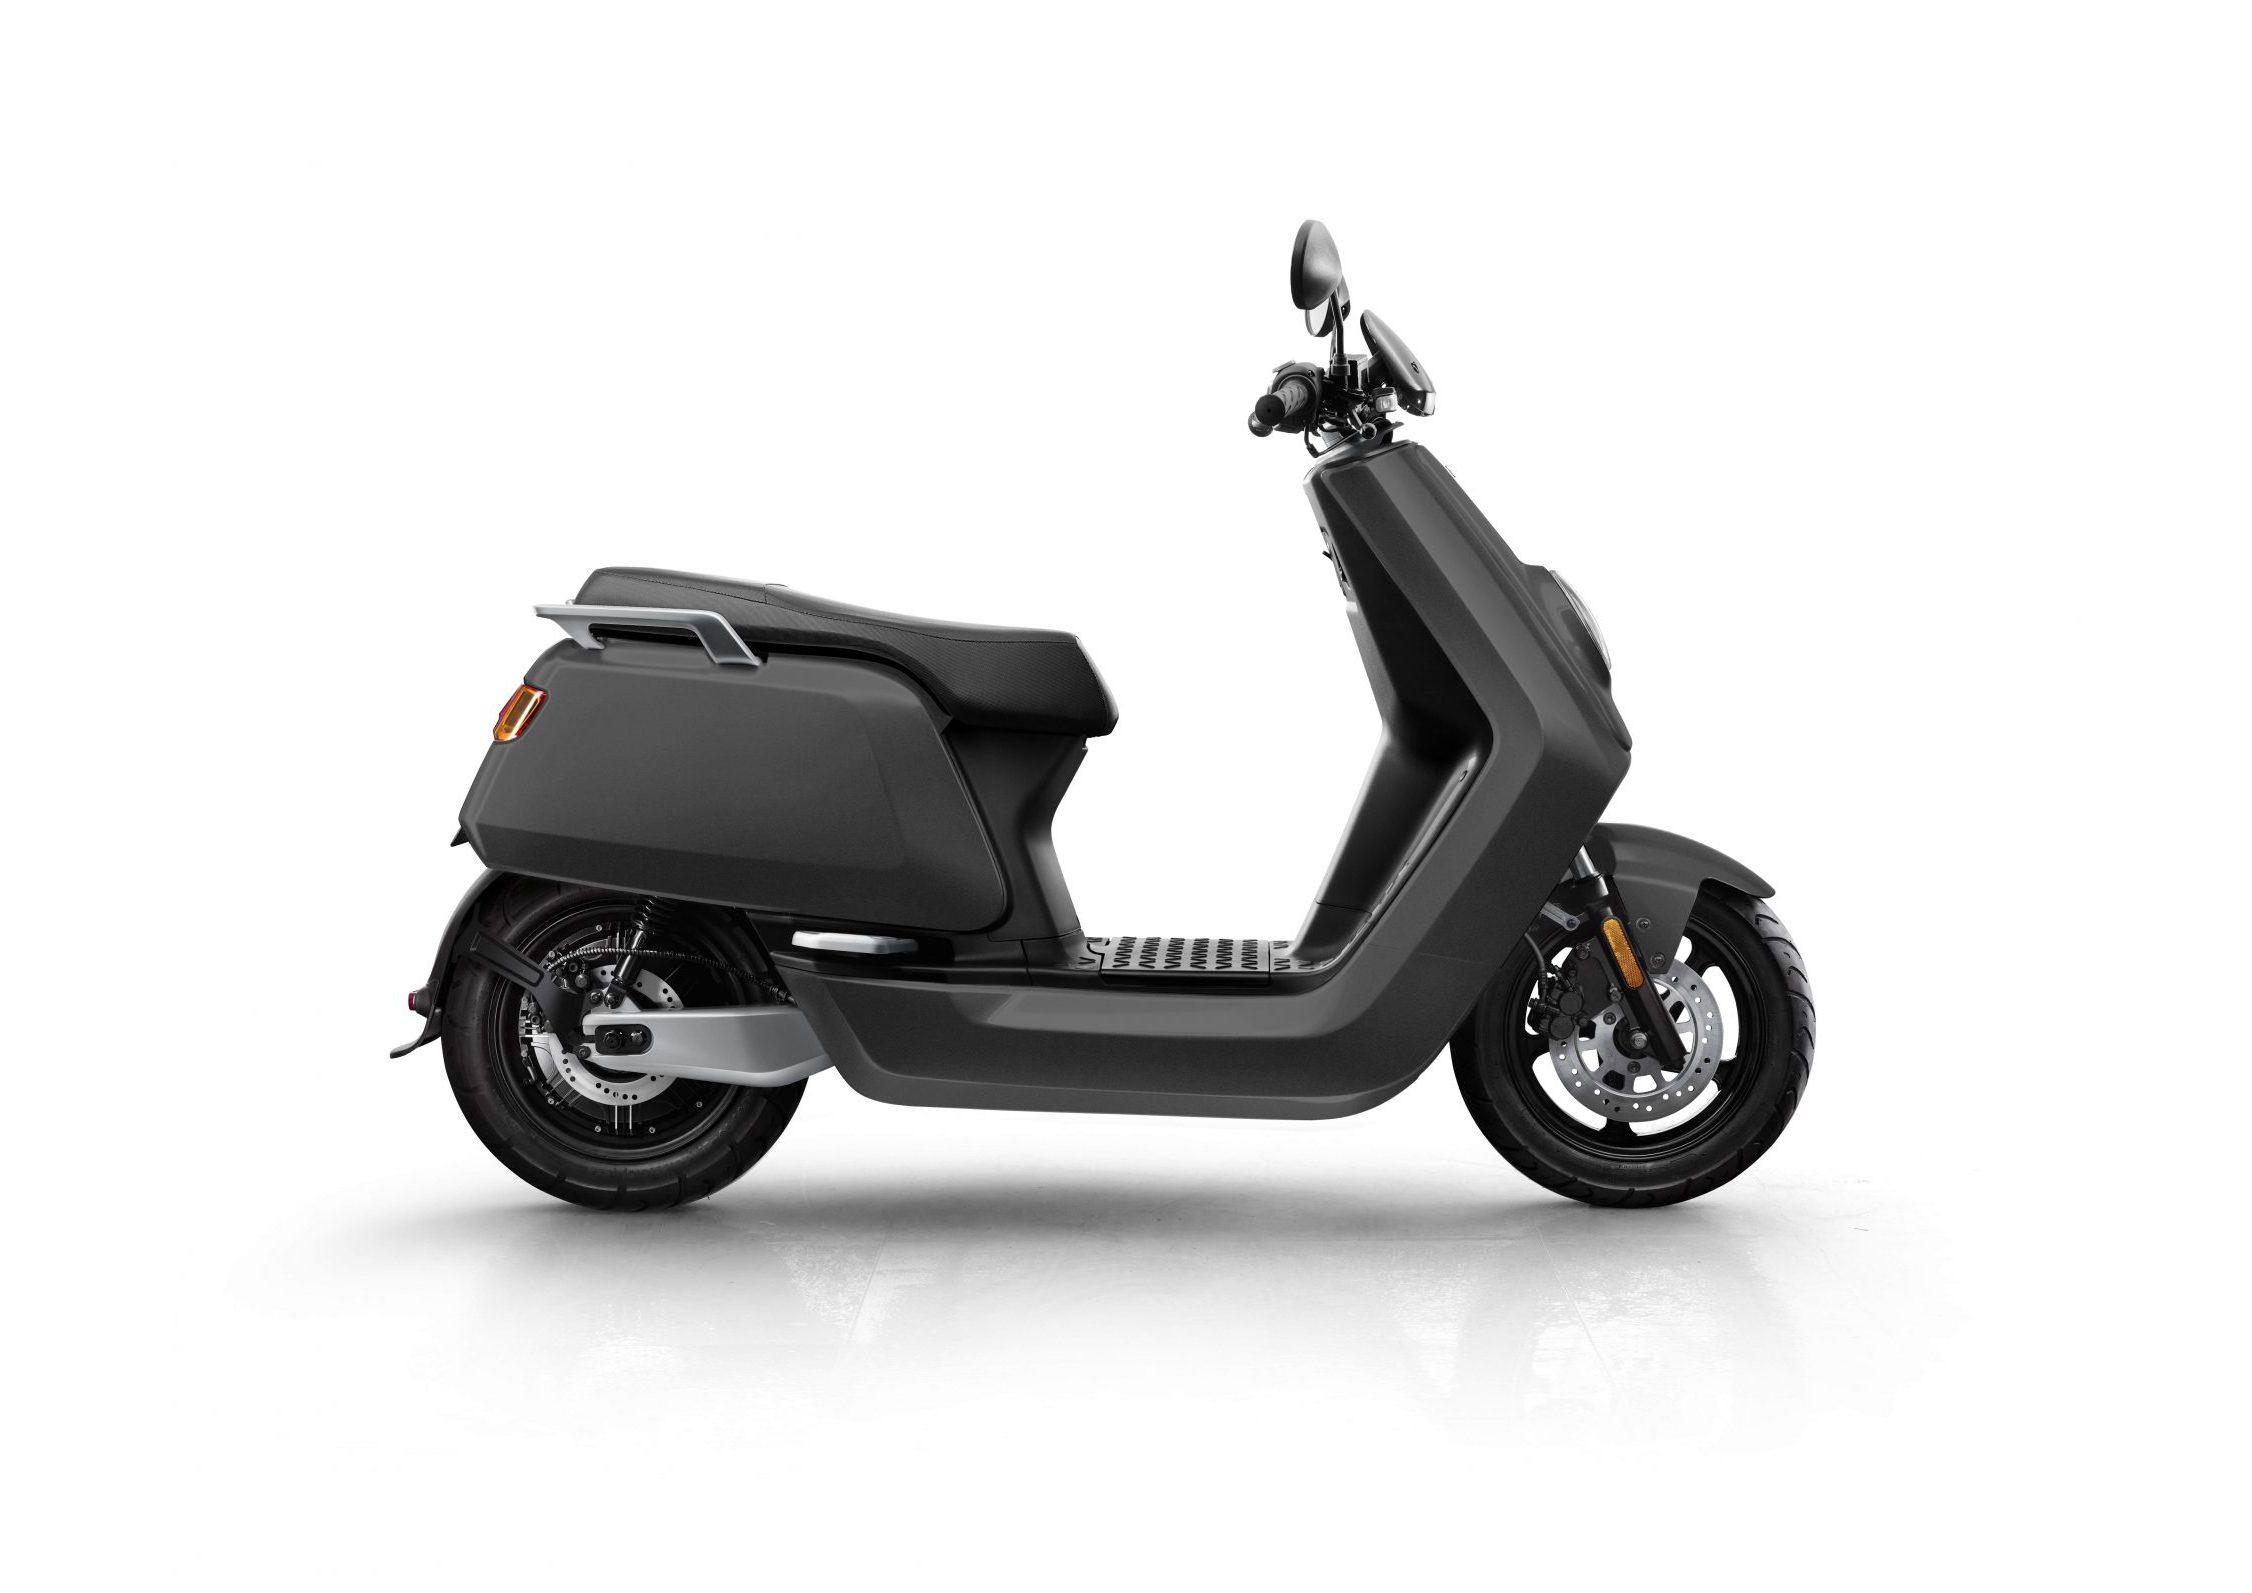 Niu NQI Sport E-scooter